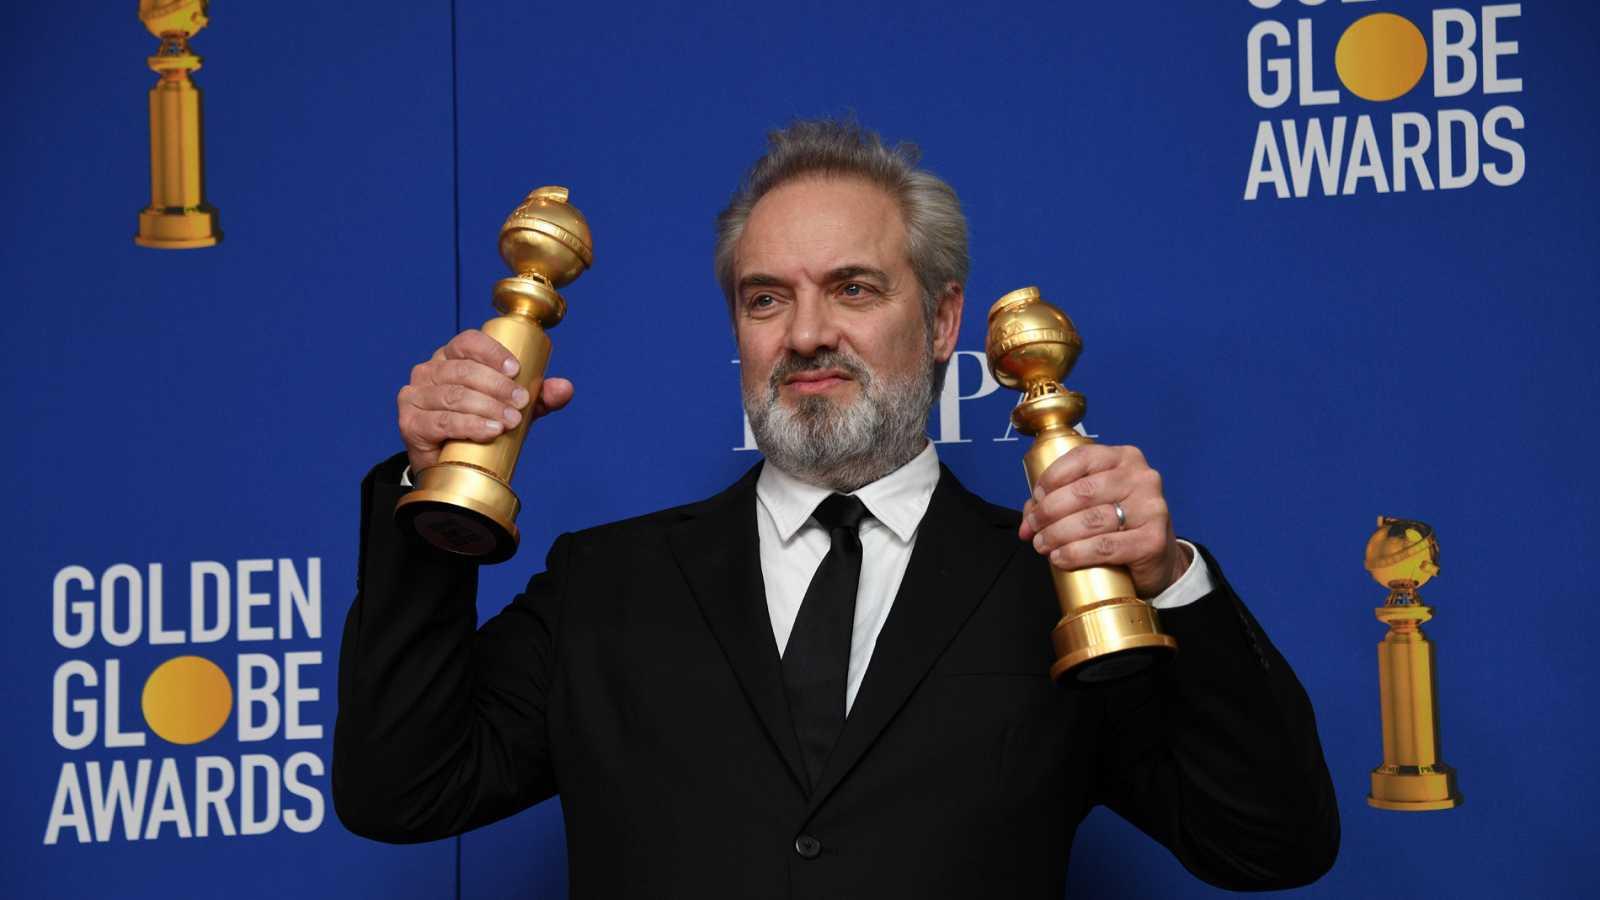 Globos de Oro: Un drama bélico se lleva el premio de la noche en la que Netflix salió derrotada